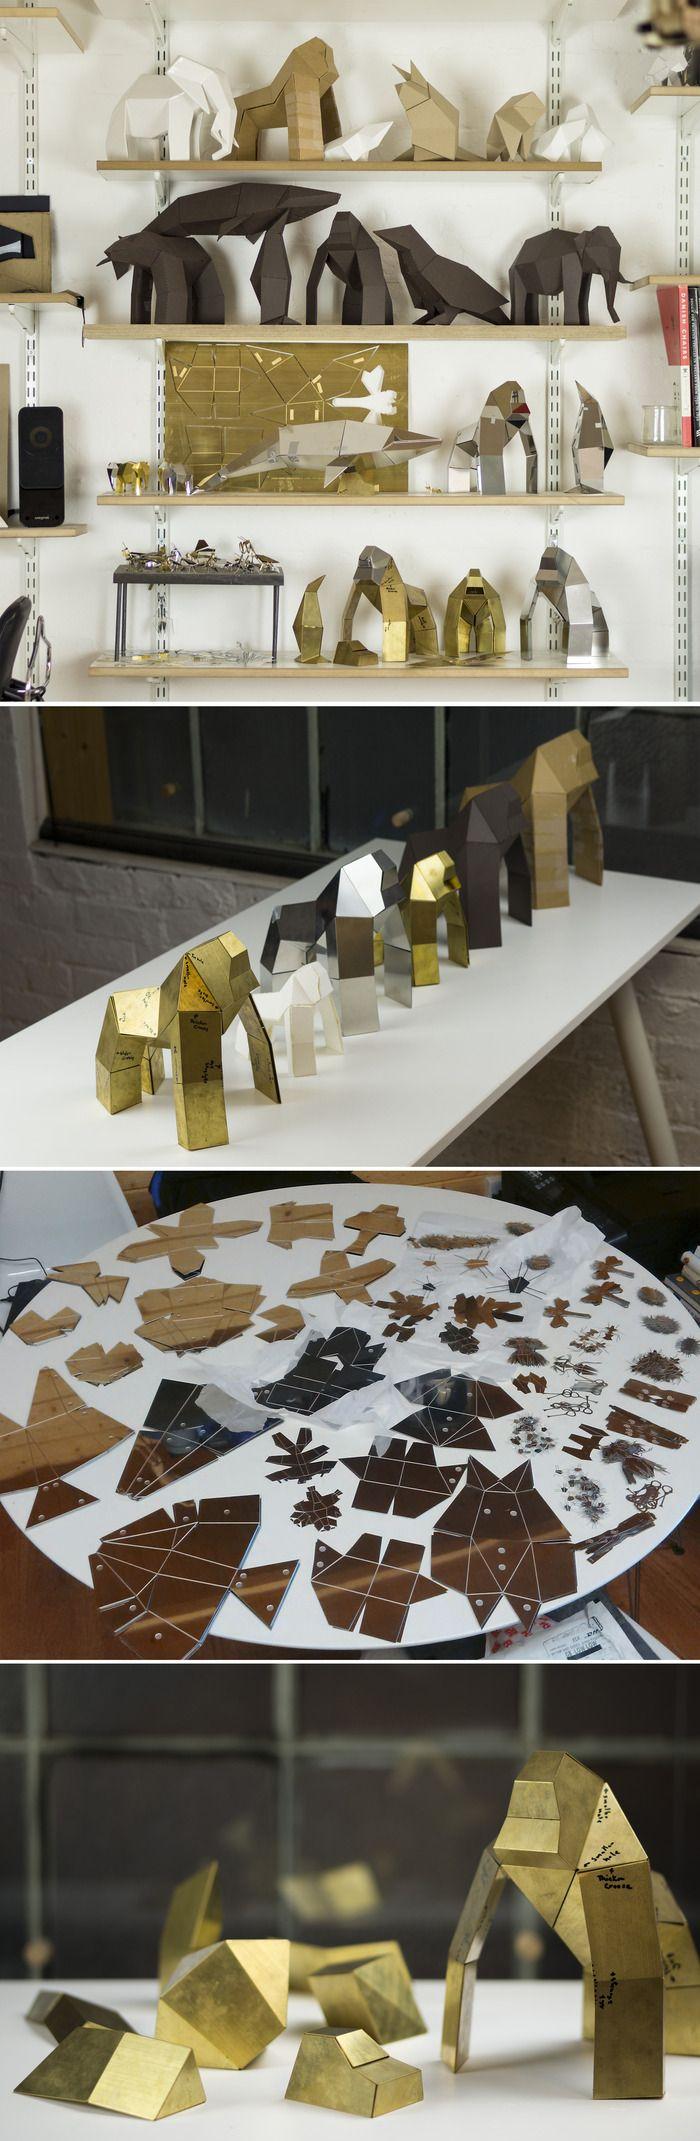 POLIGON Make your own Sculpture by Poligon — Kickstarter. as soon as they're…